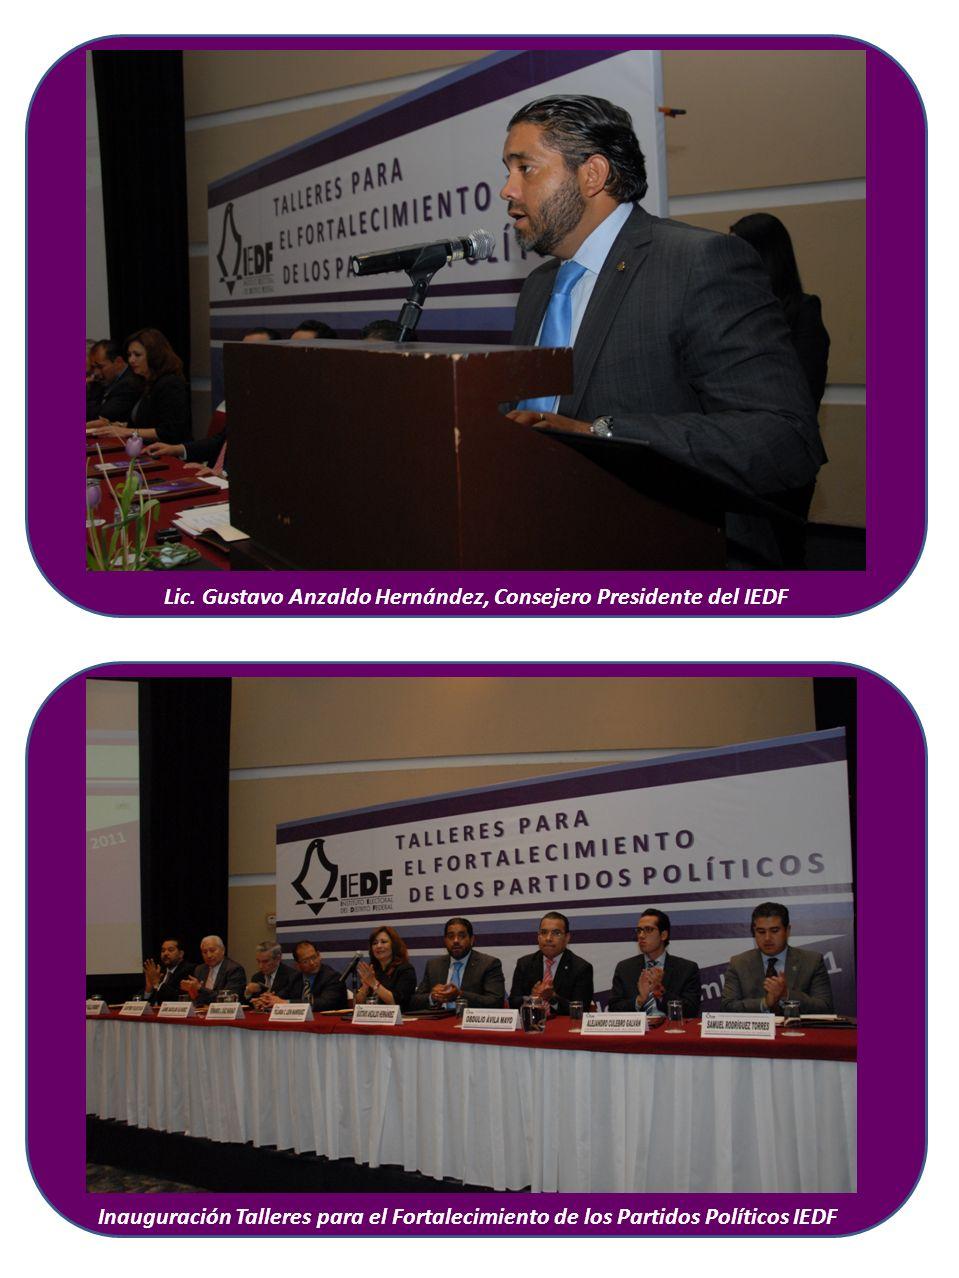 Lic. Gustavo Anzaldo Hernández, Consejero Presidente del IEDF Inauguración Talleres para el Fortalecimiento de los Partidos Políticos IEDF